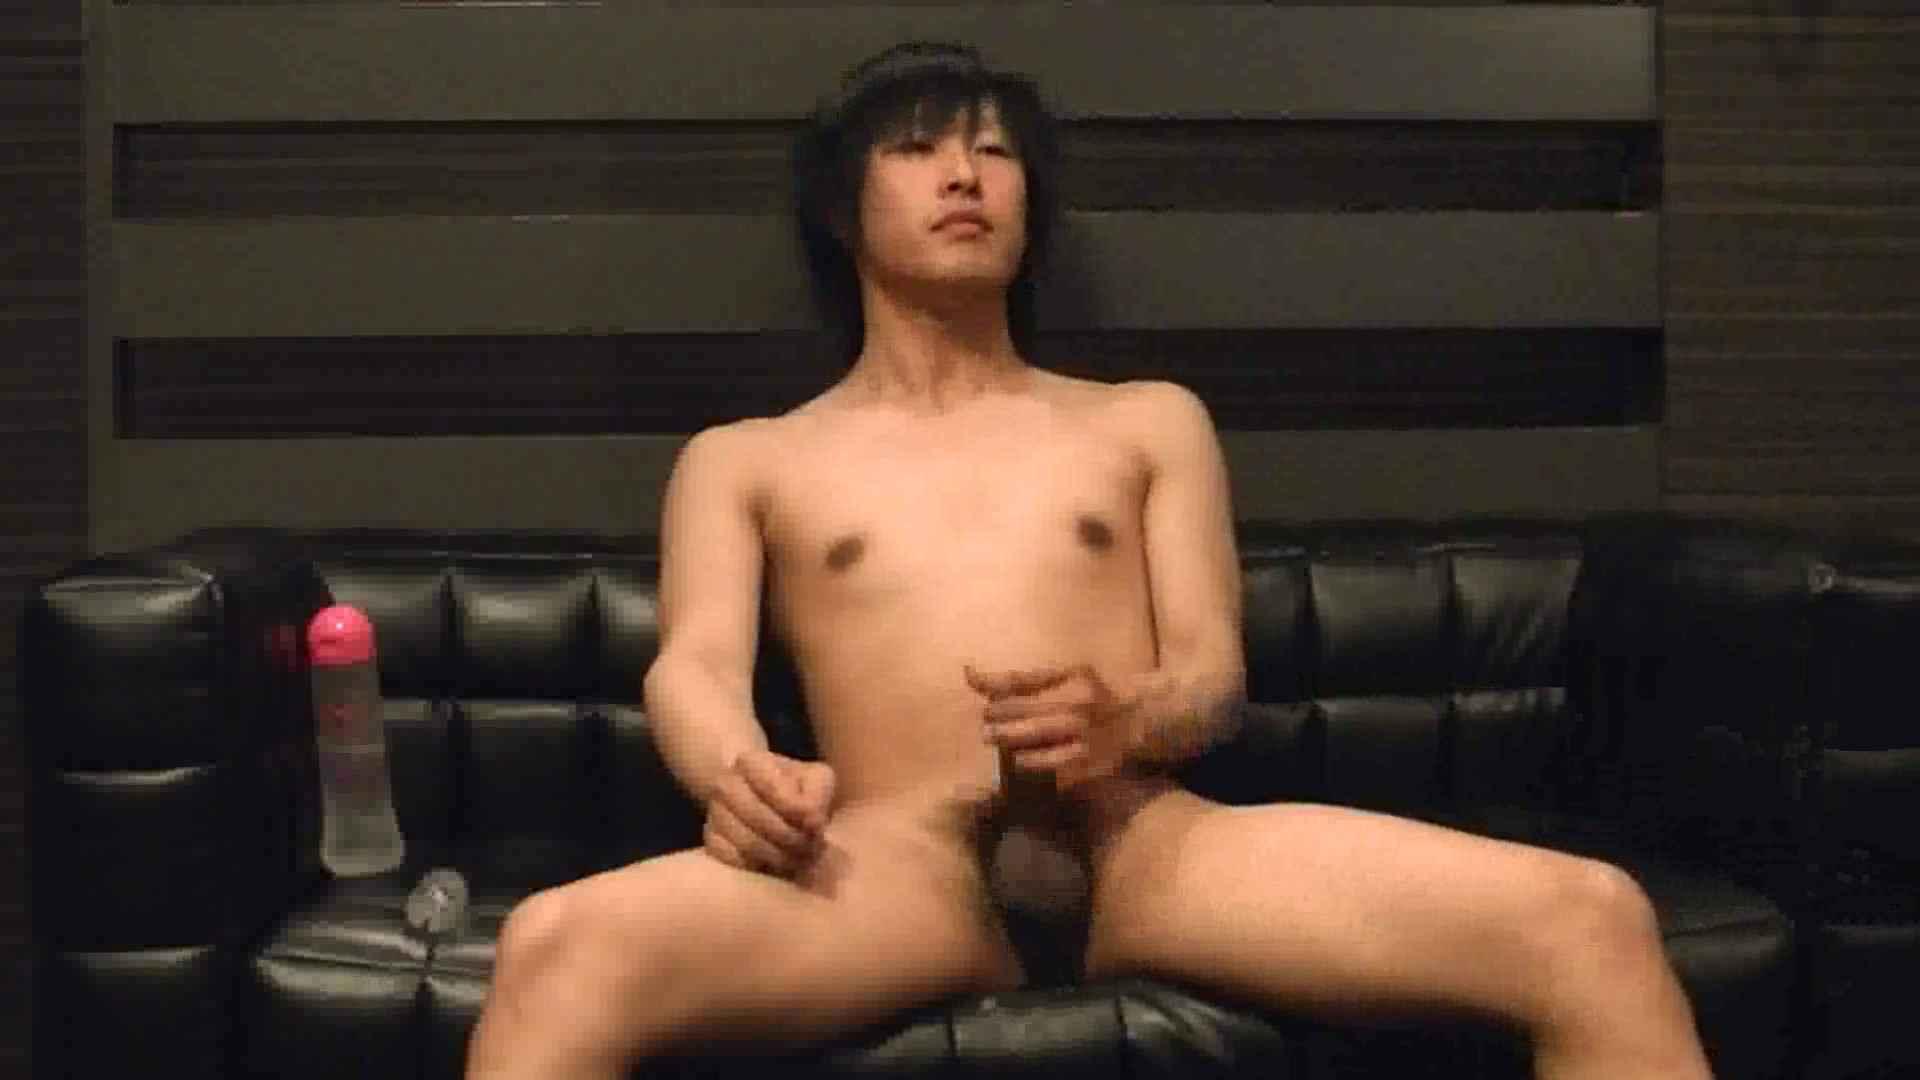 ONA見せカーニバル!! Vol6 オナニー ゲイセックス画像 109pic 89